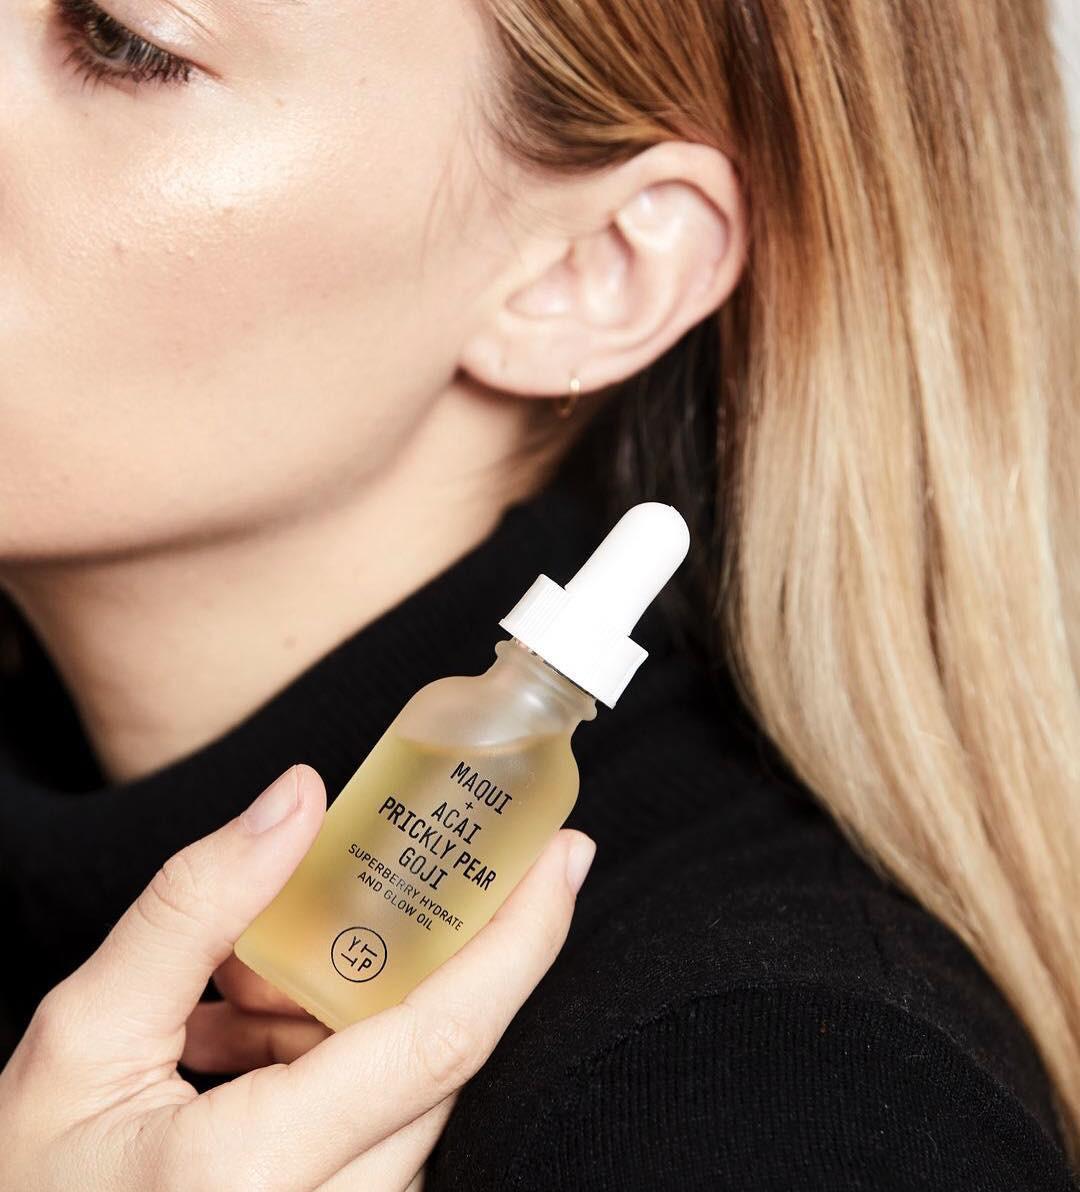 Biết loạt công dụng tuyệt diệu của dầu dưỡng, bạn sẽ muốn thêm ngay vào quy trình chăm sóc da hàng ngày  - Ảnh 4.